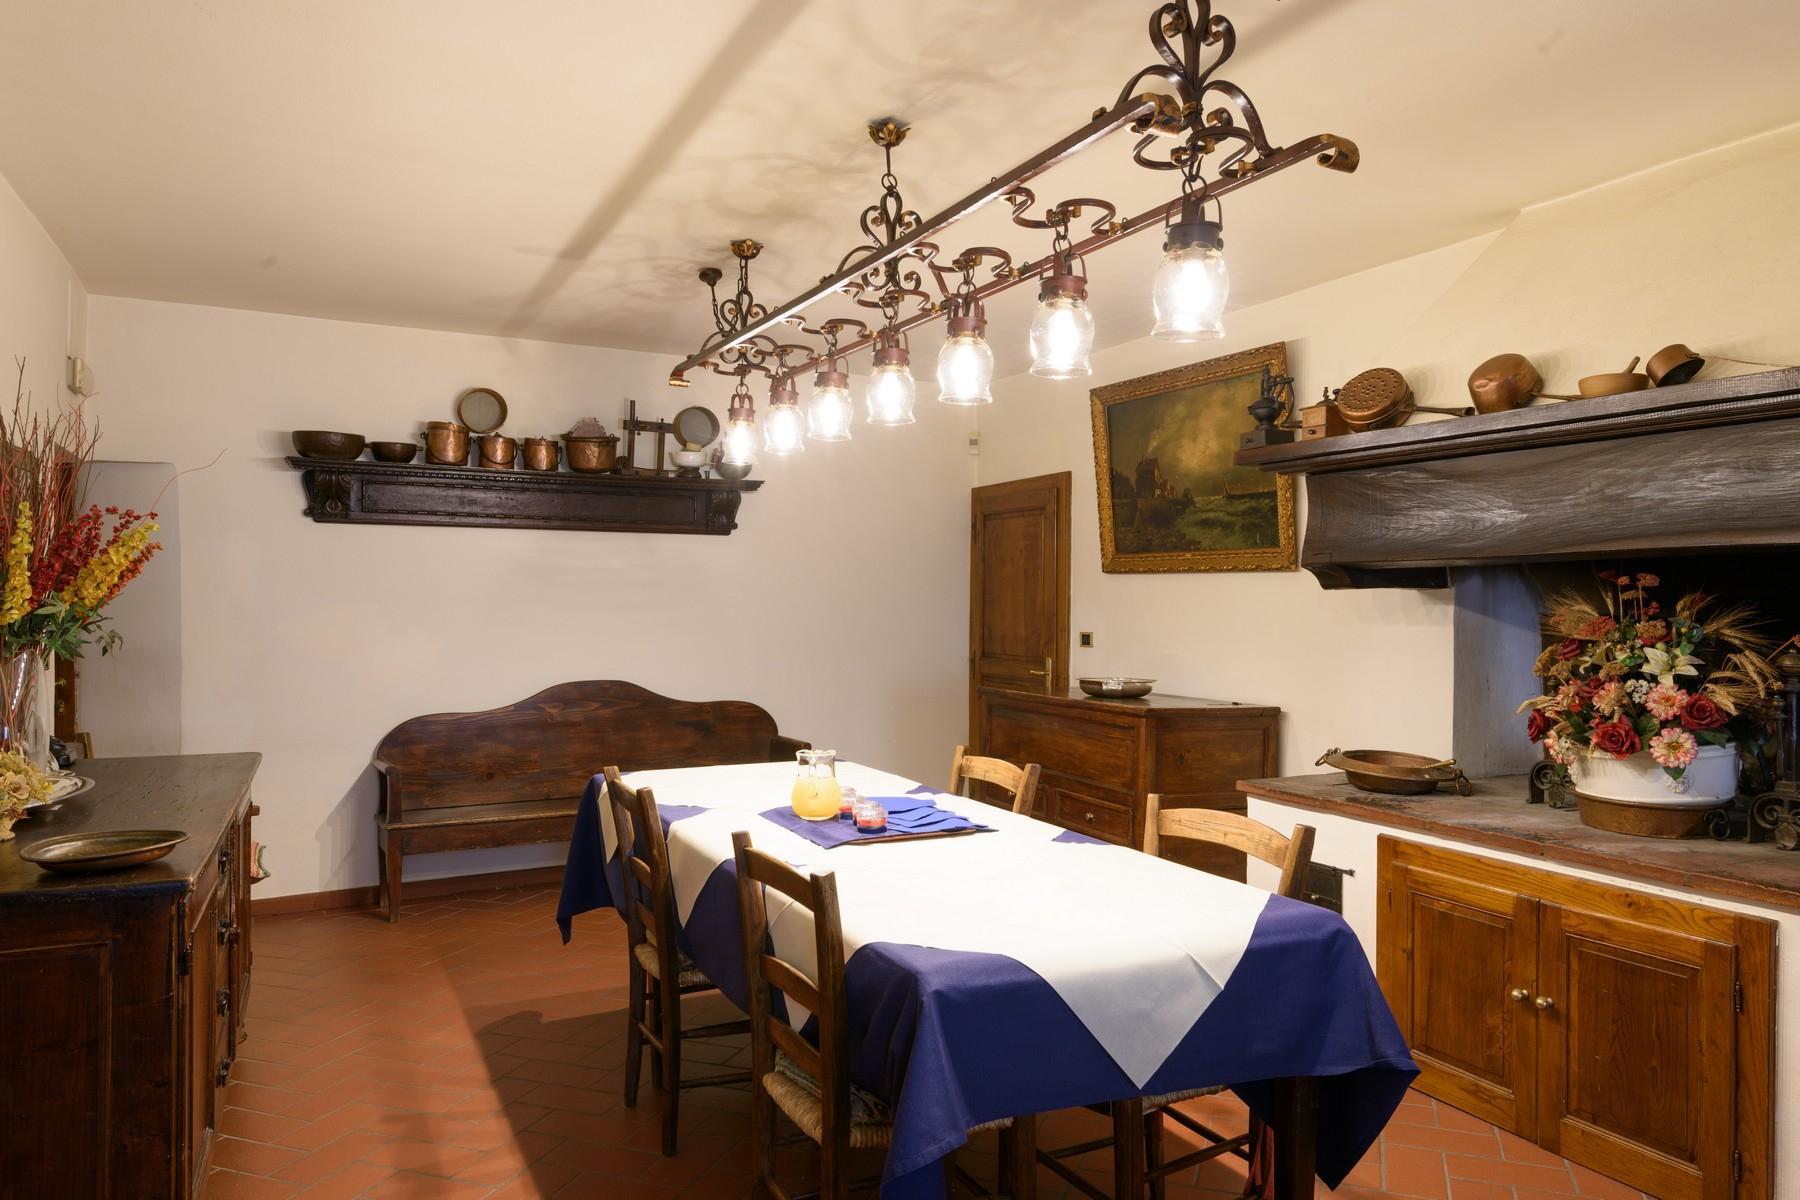 Val di Chiana中心地带10世纪的建筑 - 12